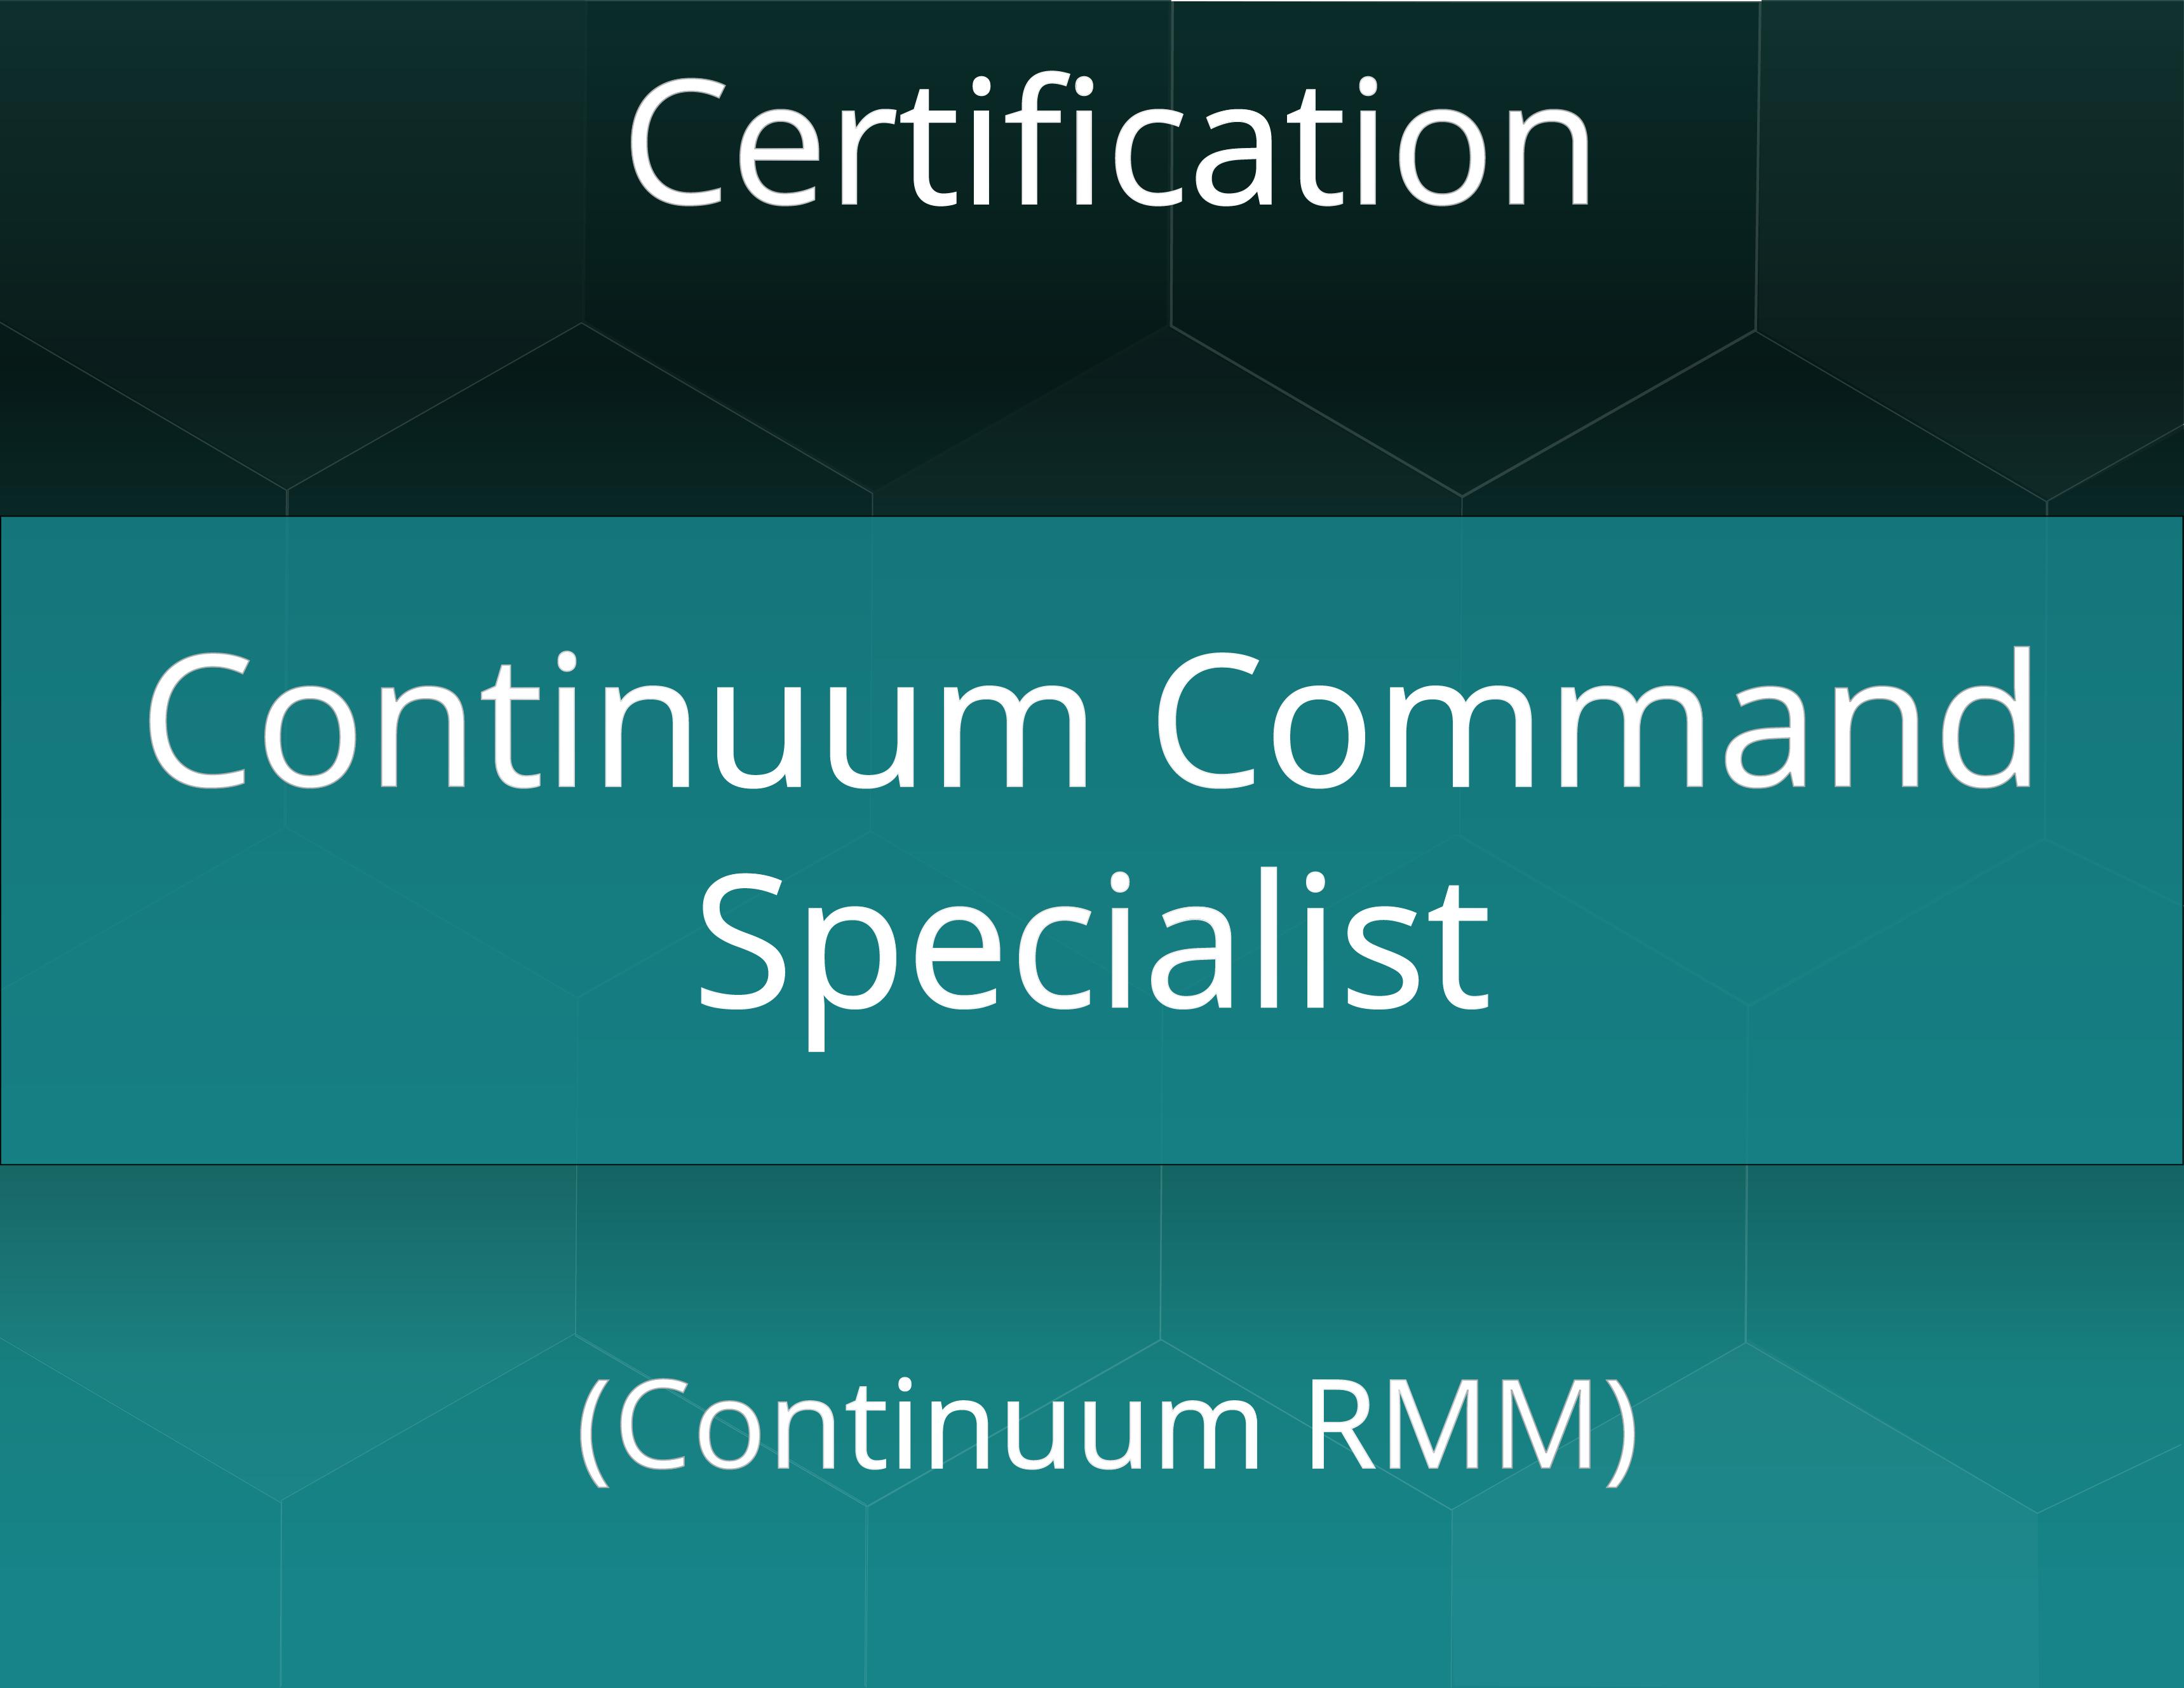 Continuum Command Specialist Certificate